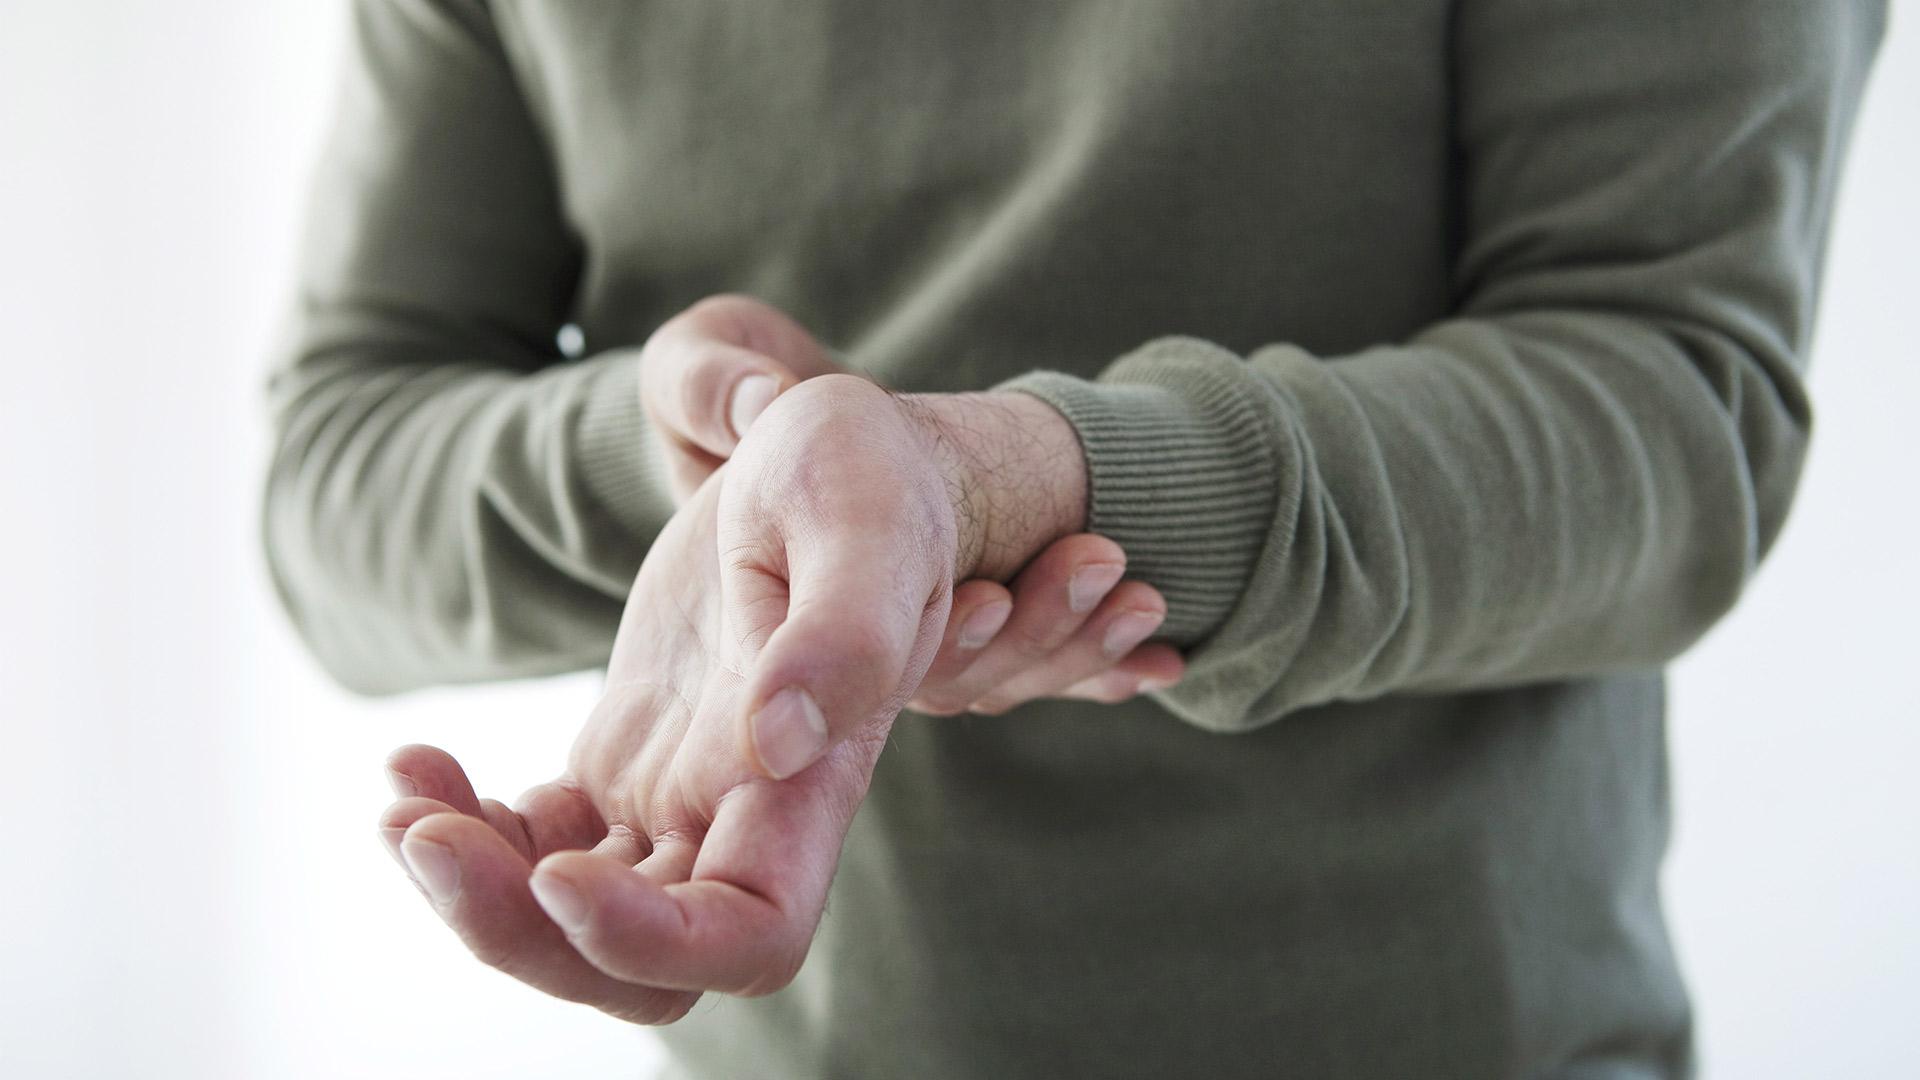 hogyan lehet enyhíteni a hüvelykujjízületi gyulladásokat